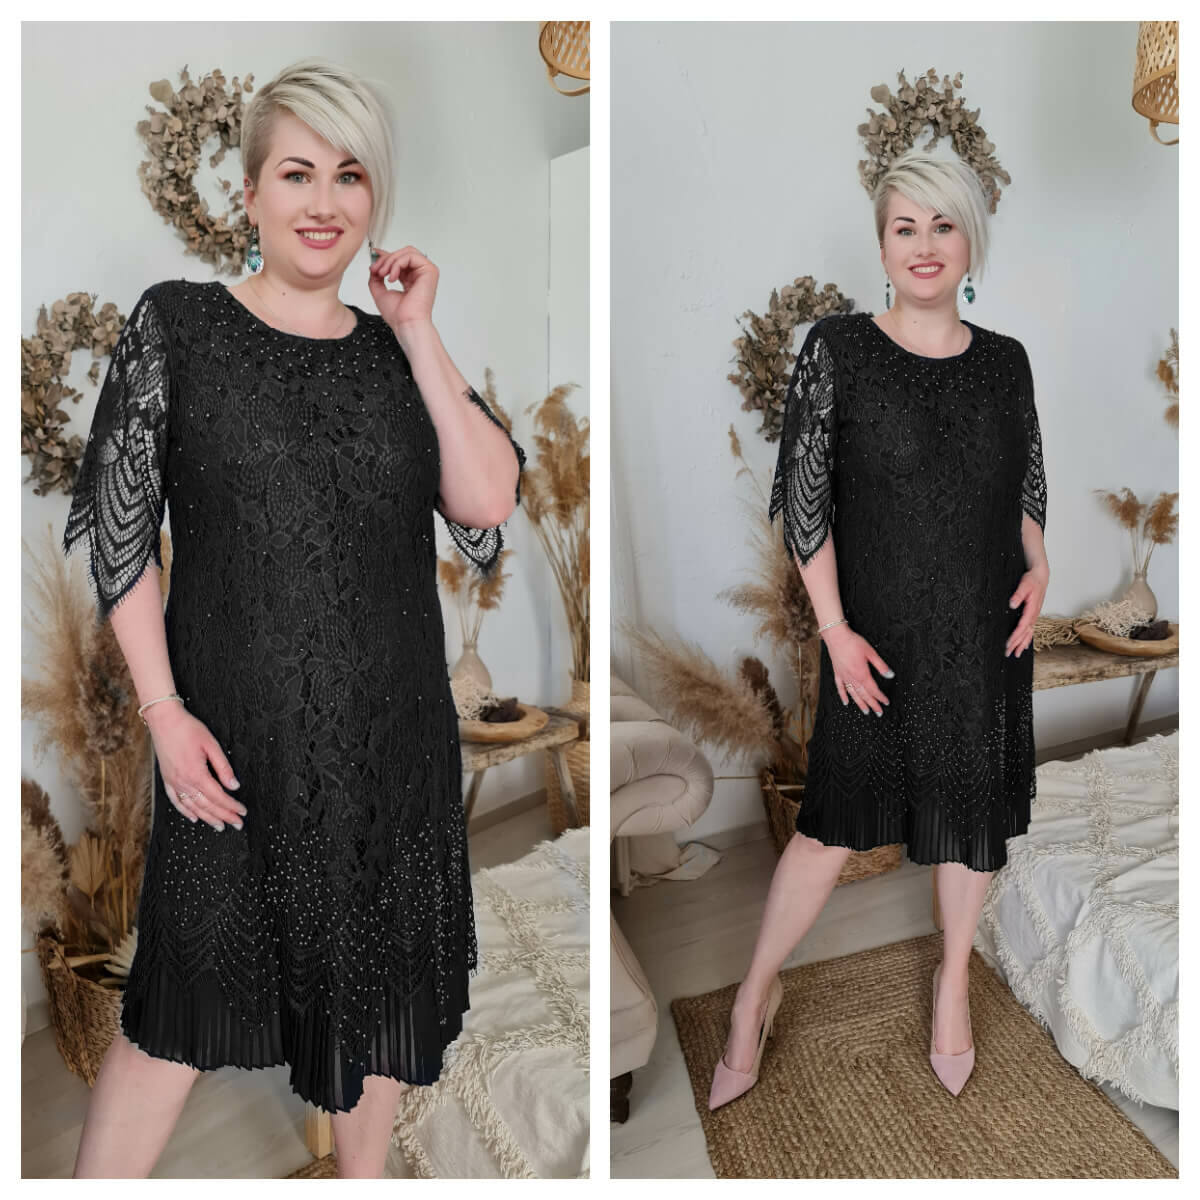 Simone ruha - nagyméretű fekete csipke ruha